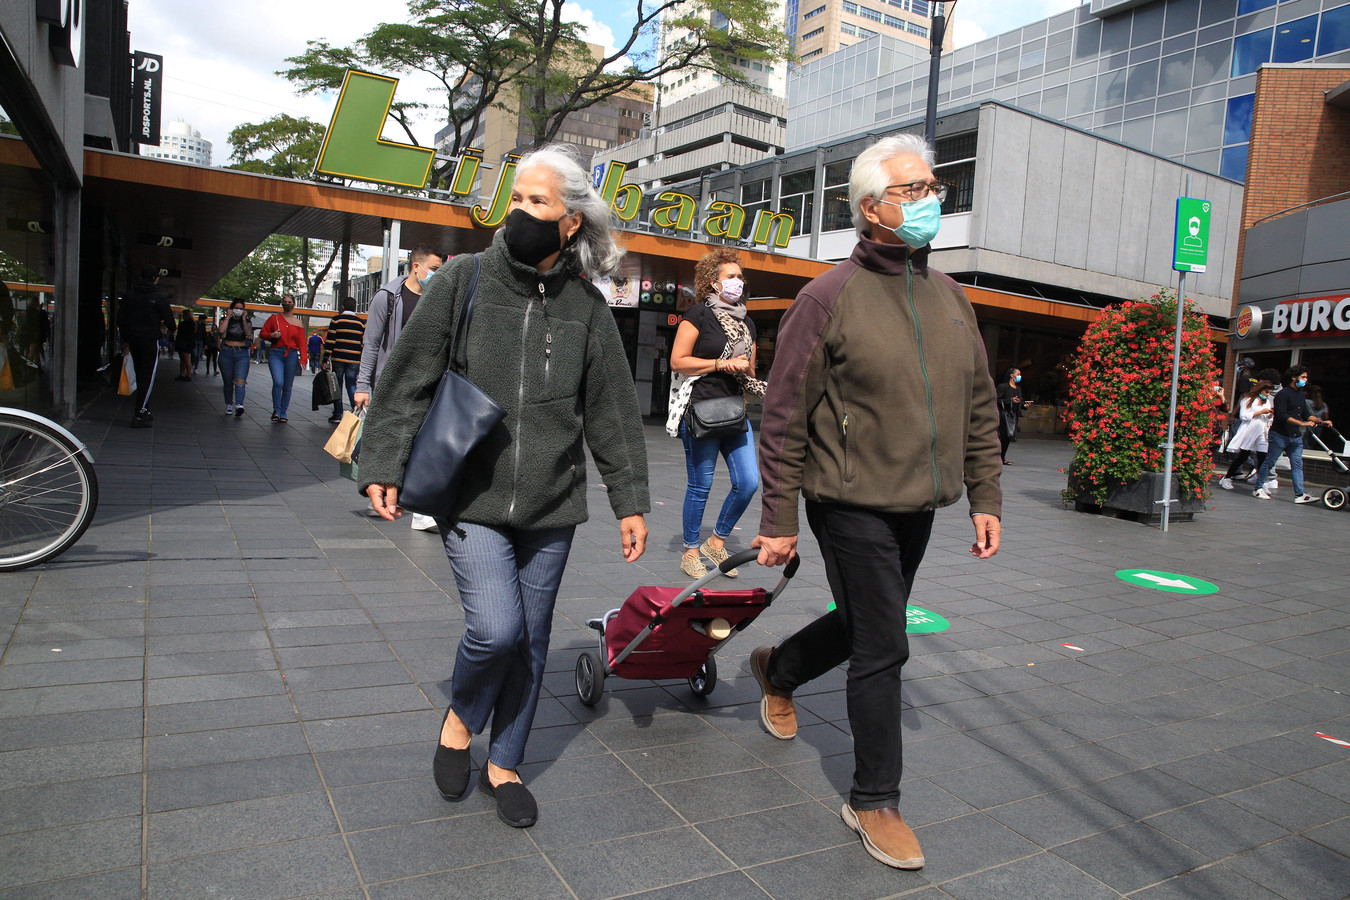 In augustus experimenteerde Rotterdam met een mondkapjesplicht. Burgemeester Aboutaleb is gefrustreerd dat hij daarvoor weinig steun kreeg.